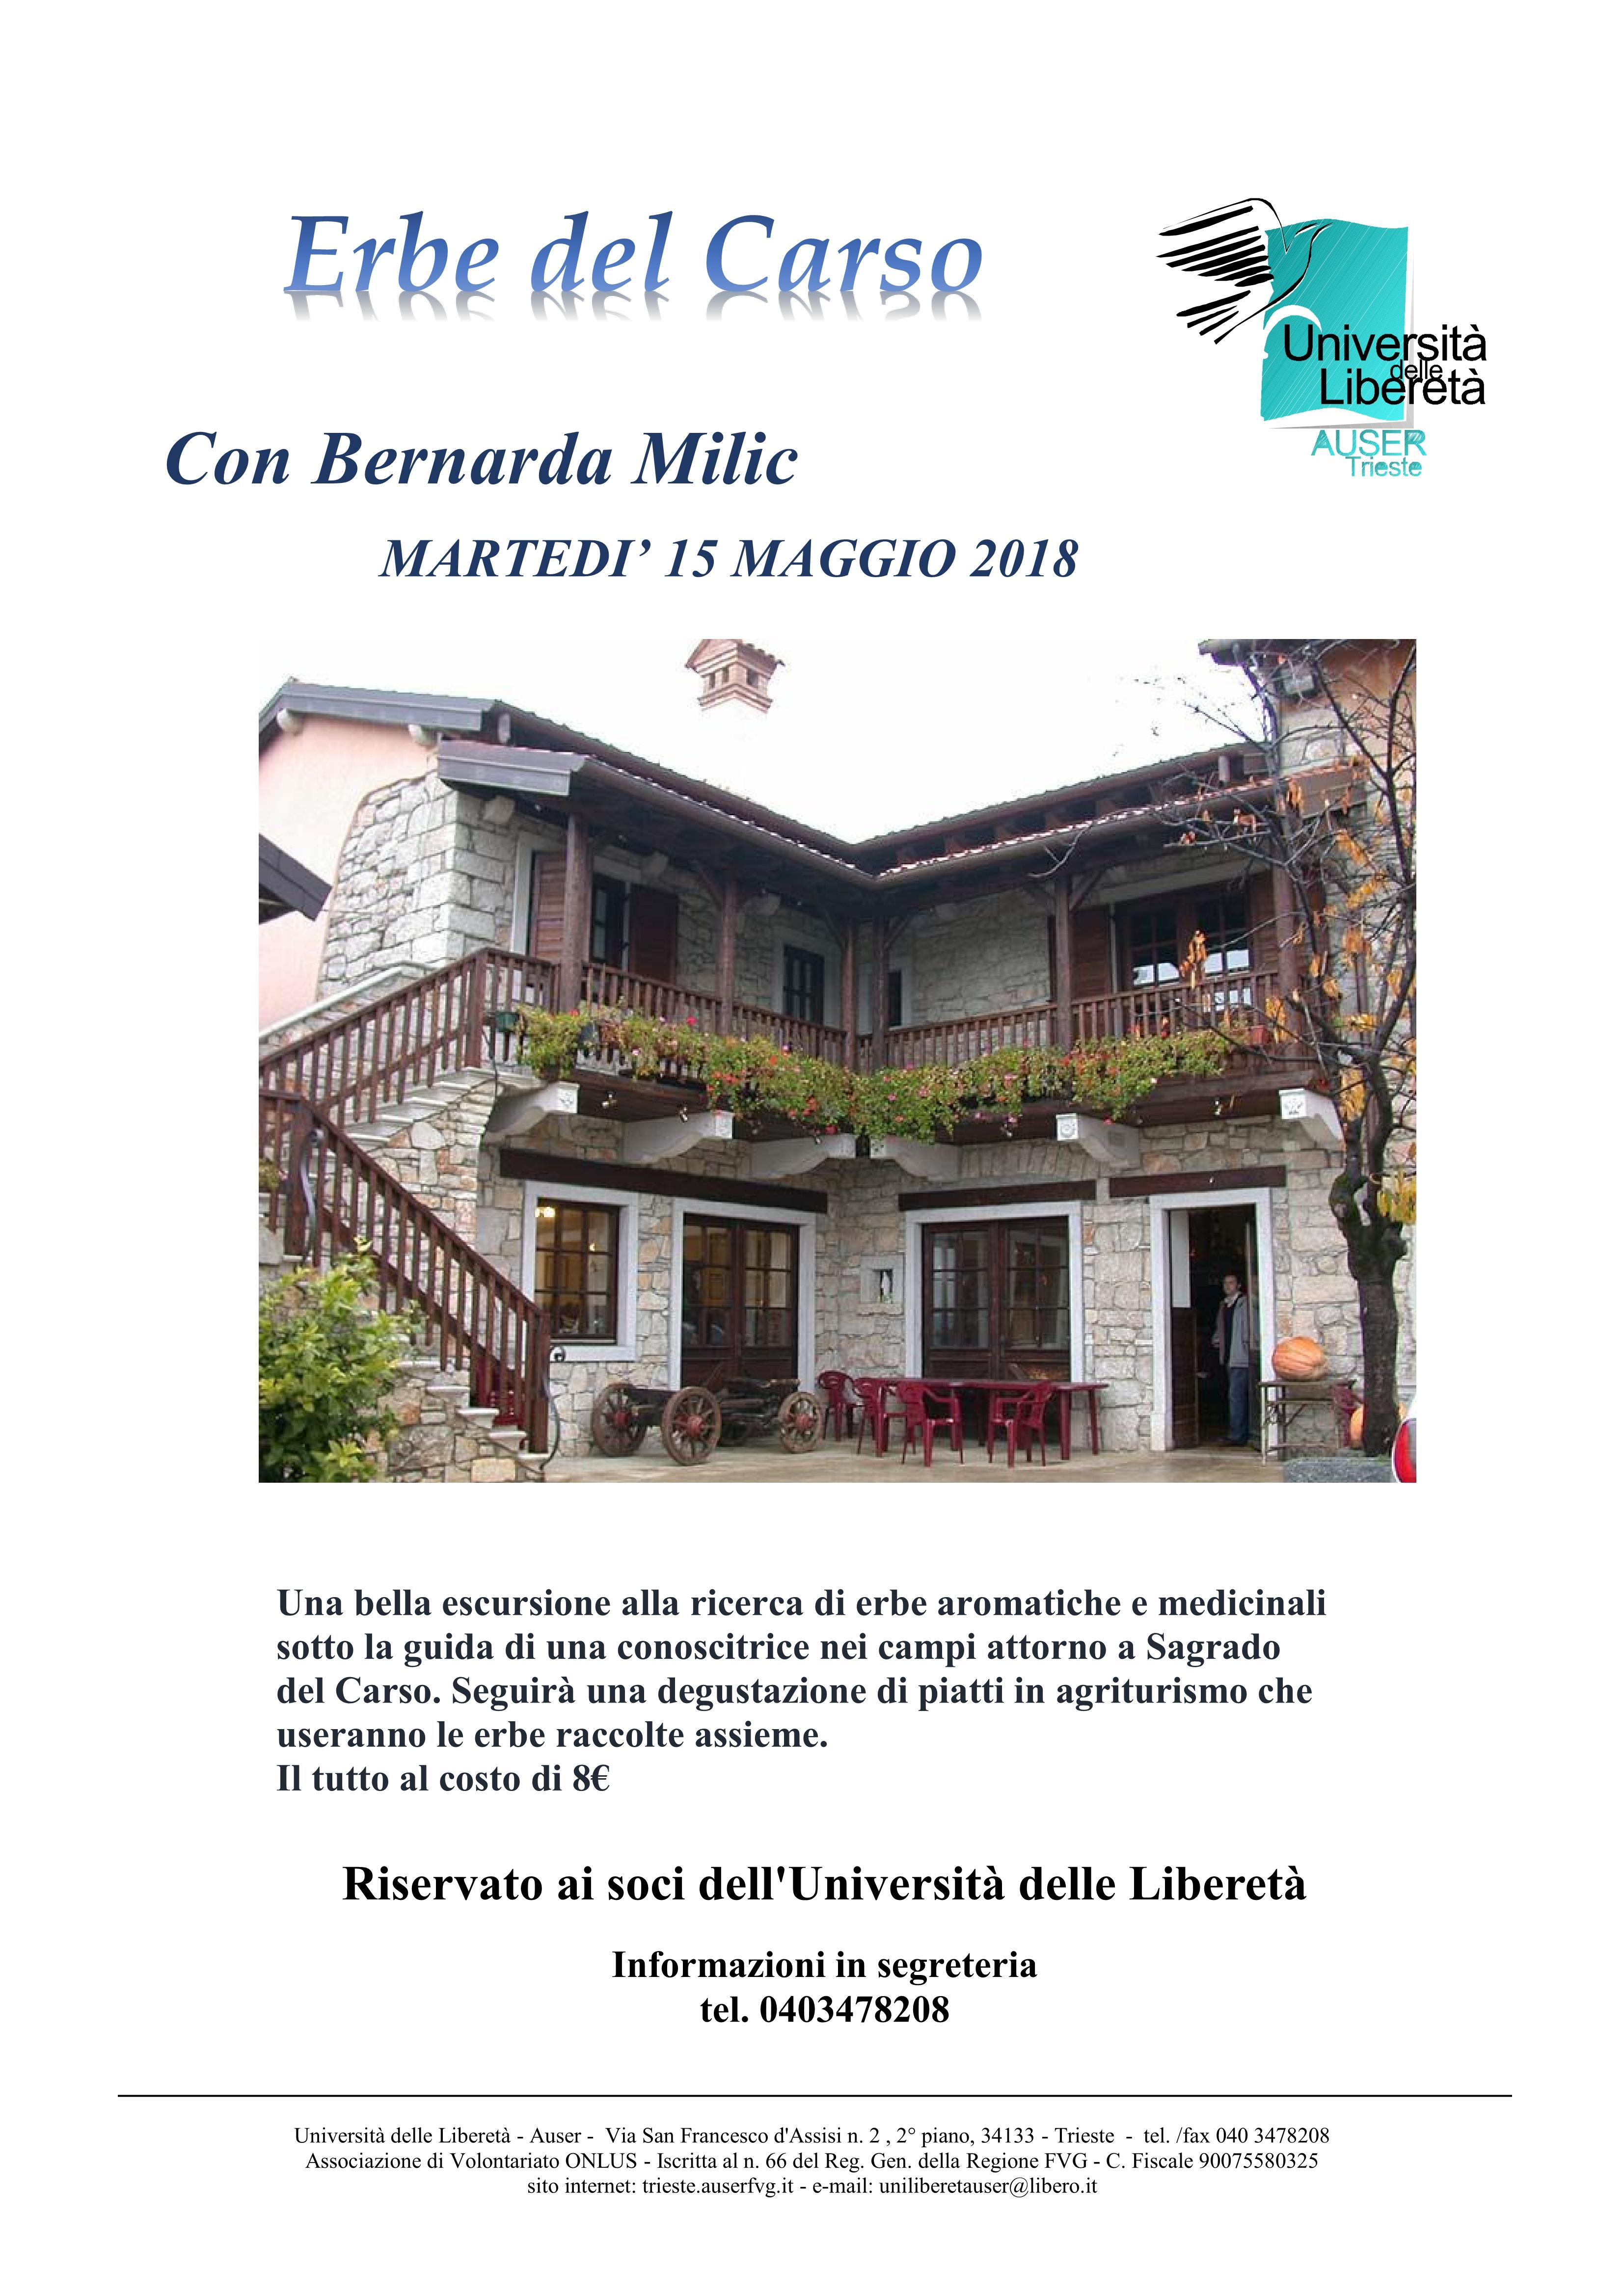 Erbe del Carso1